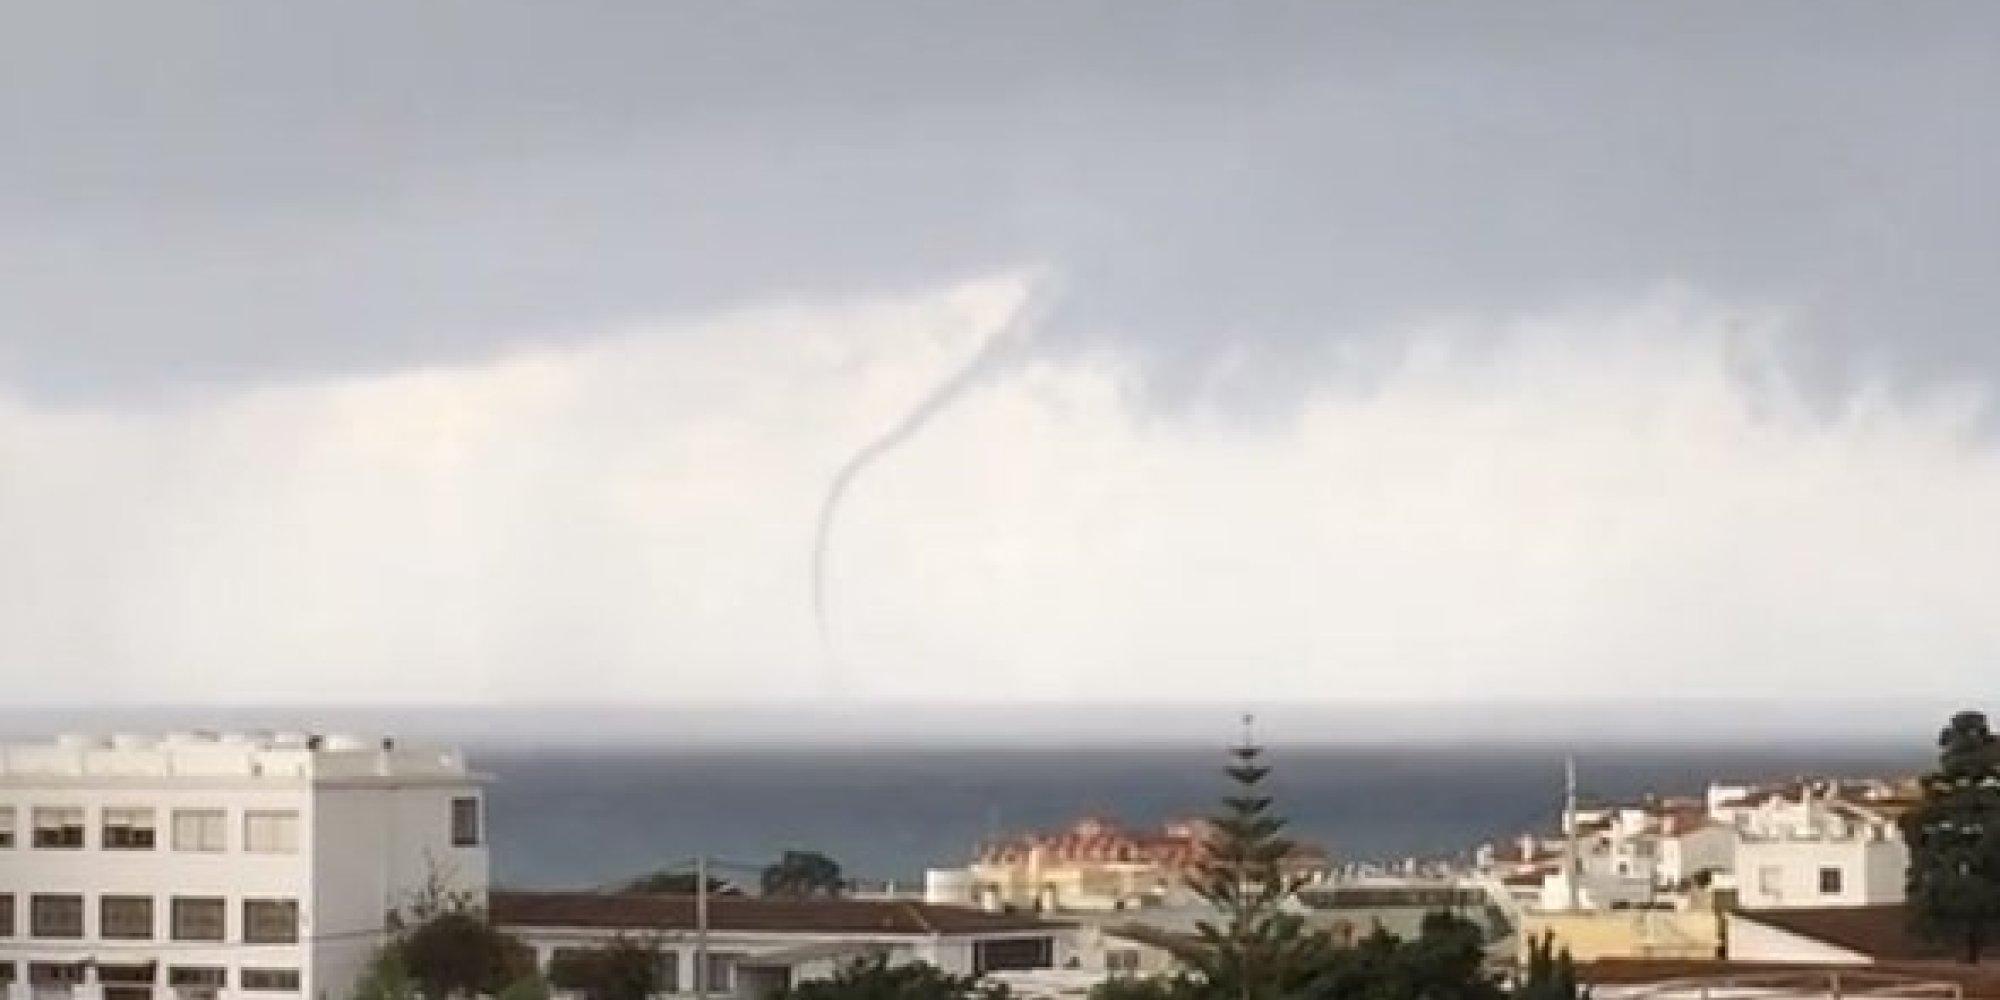 Tornado en m laga el viento de hasta 180 km hora causa - Tornados en espana ...